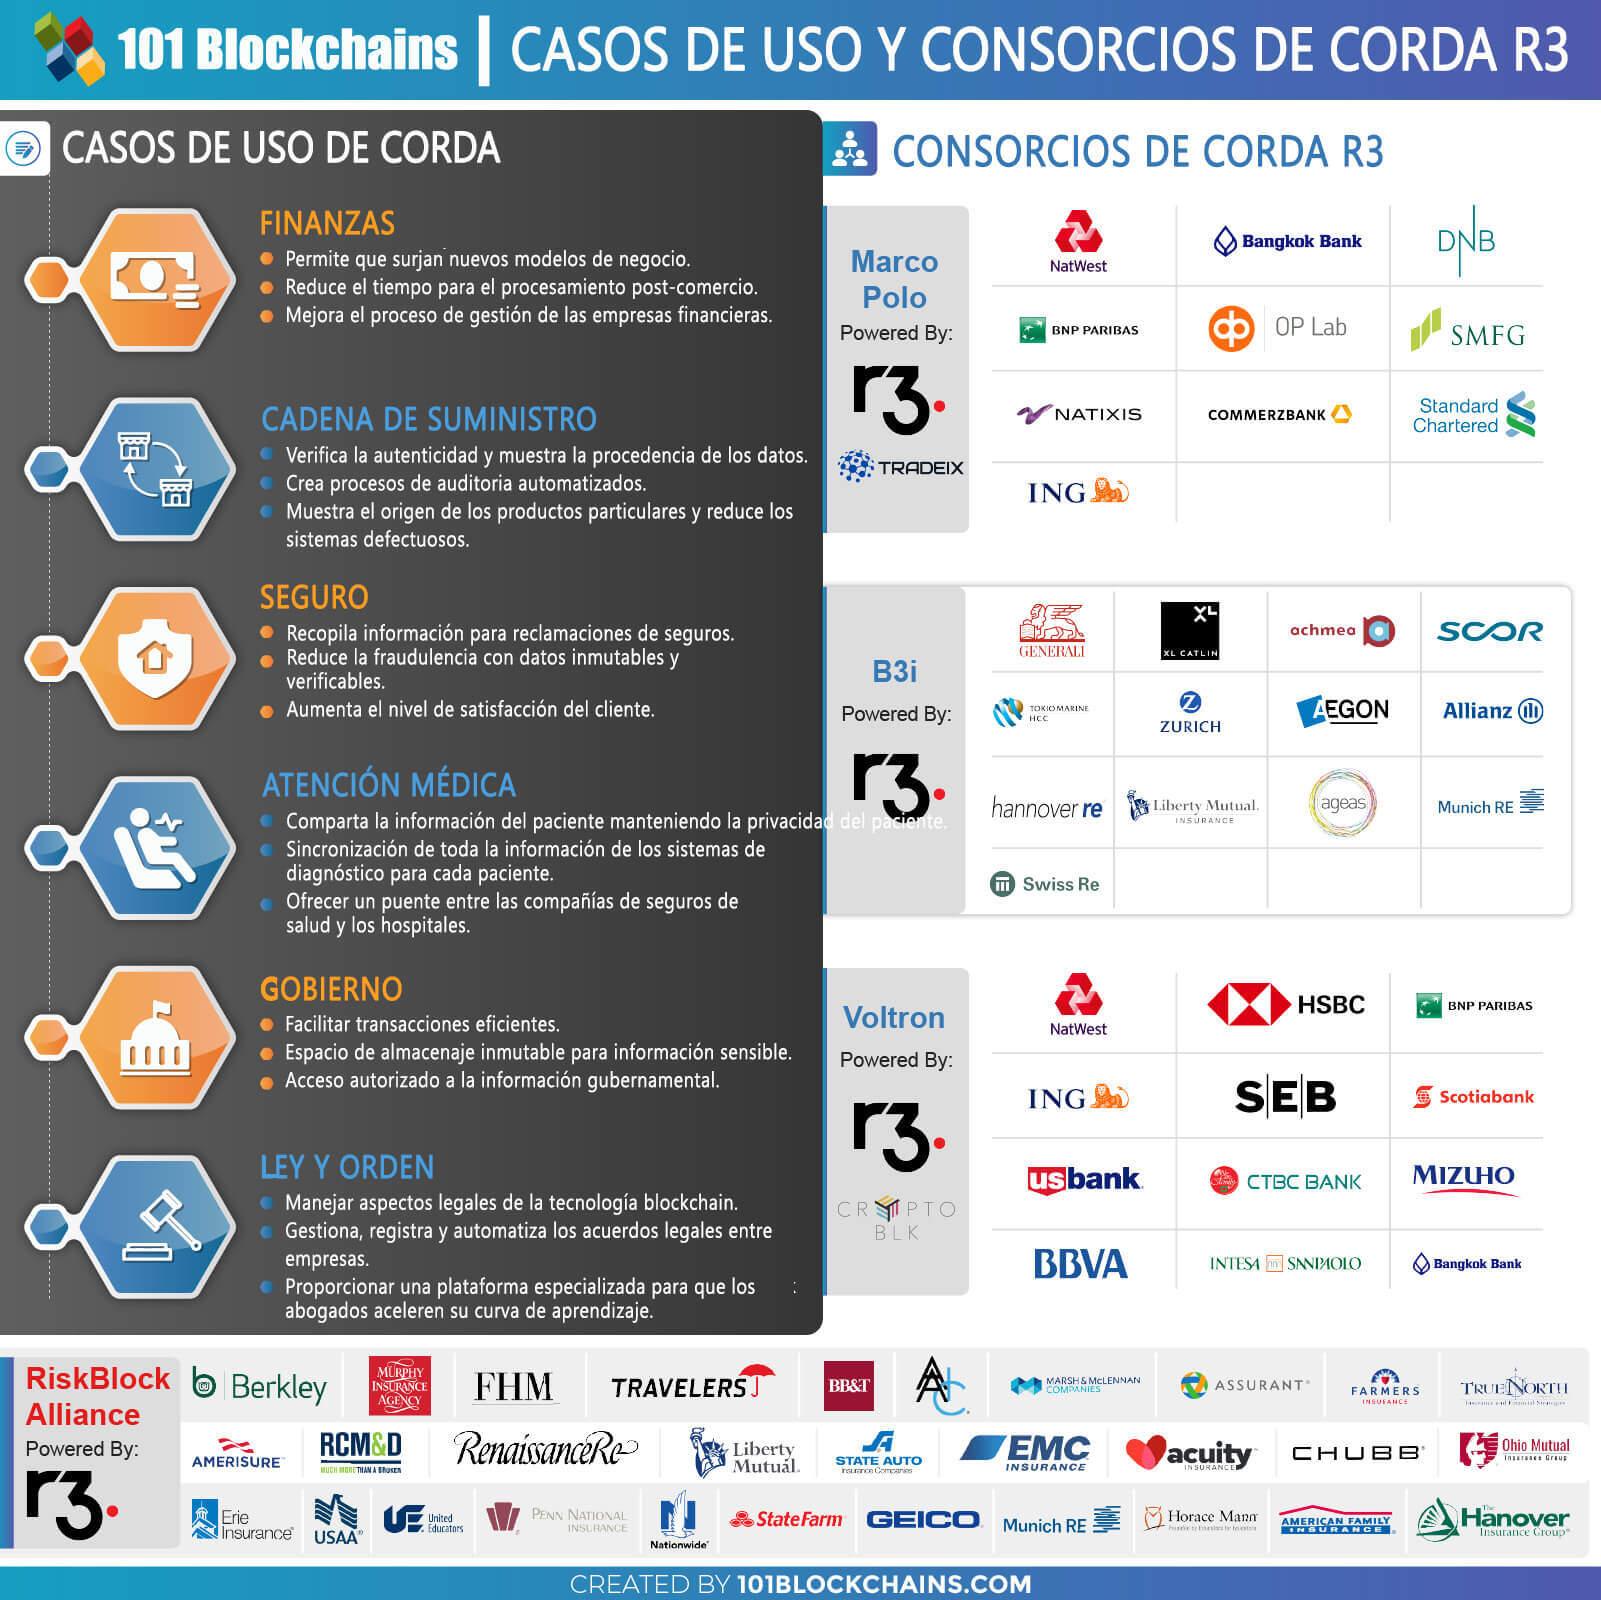 CASOS DE USO Y CONSORCIOS DE CORDA R3 CORDA BLOCKCHAIN